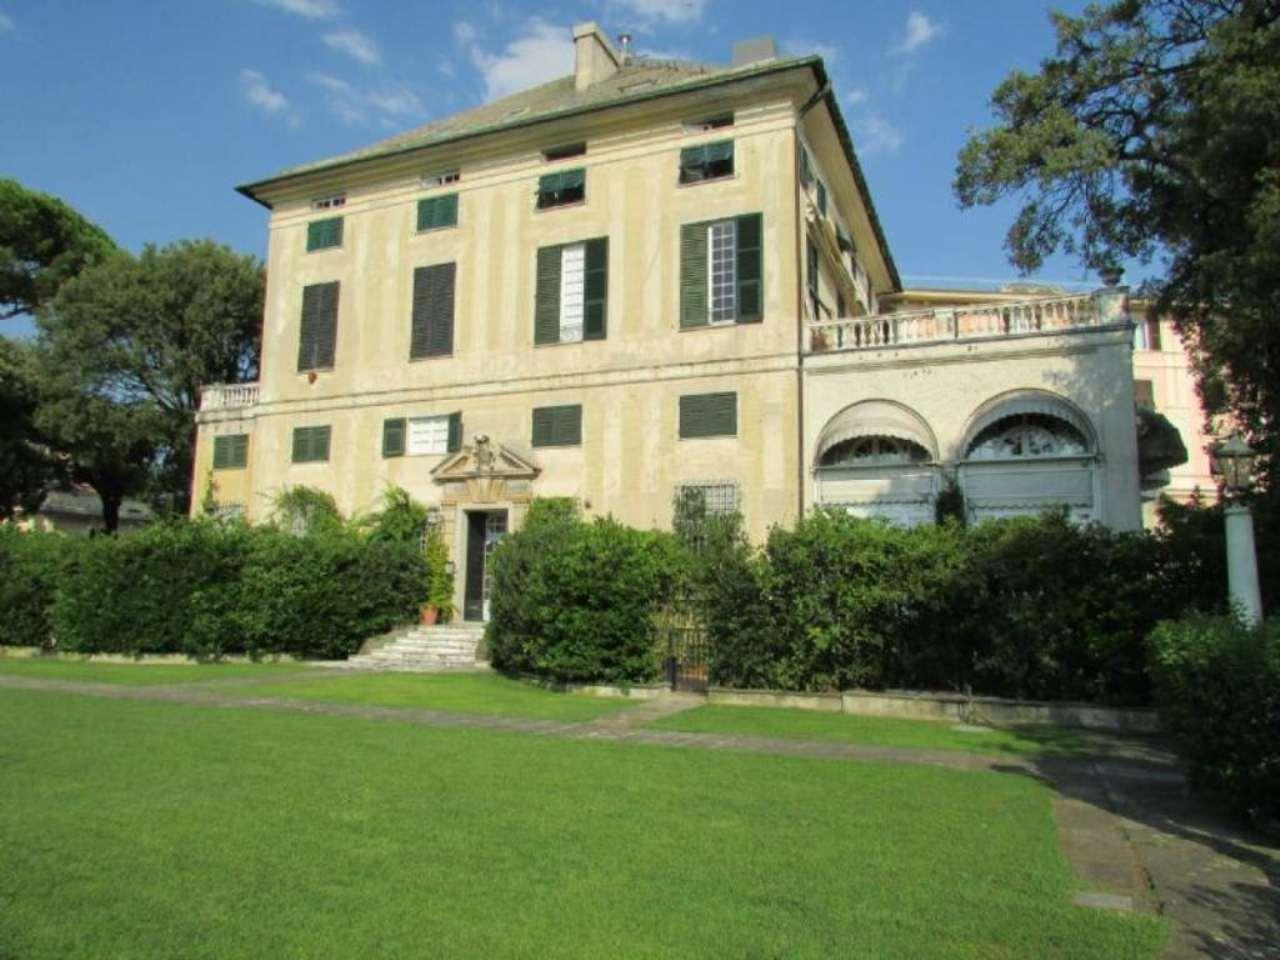 Attico / Mansarda in affitto a Genova, 11 locali, prezzo € 2.300 | Cambio Casa.it